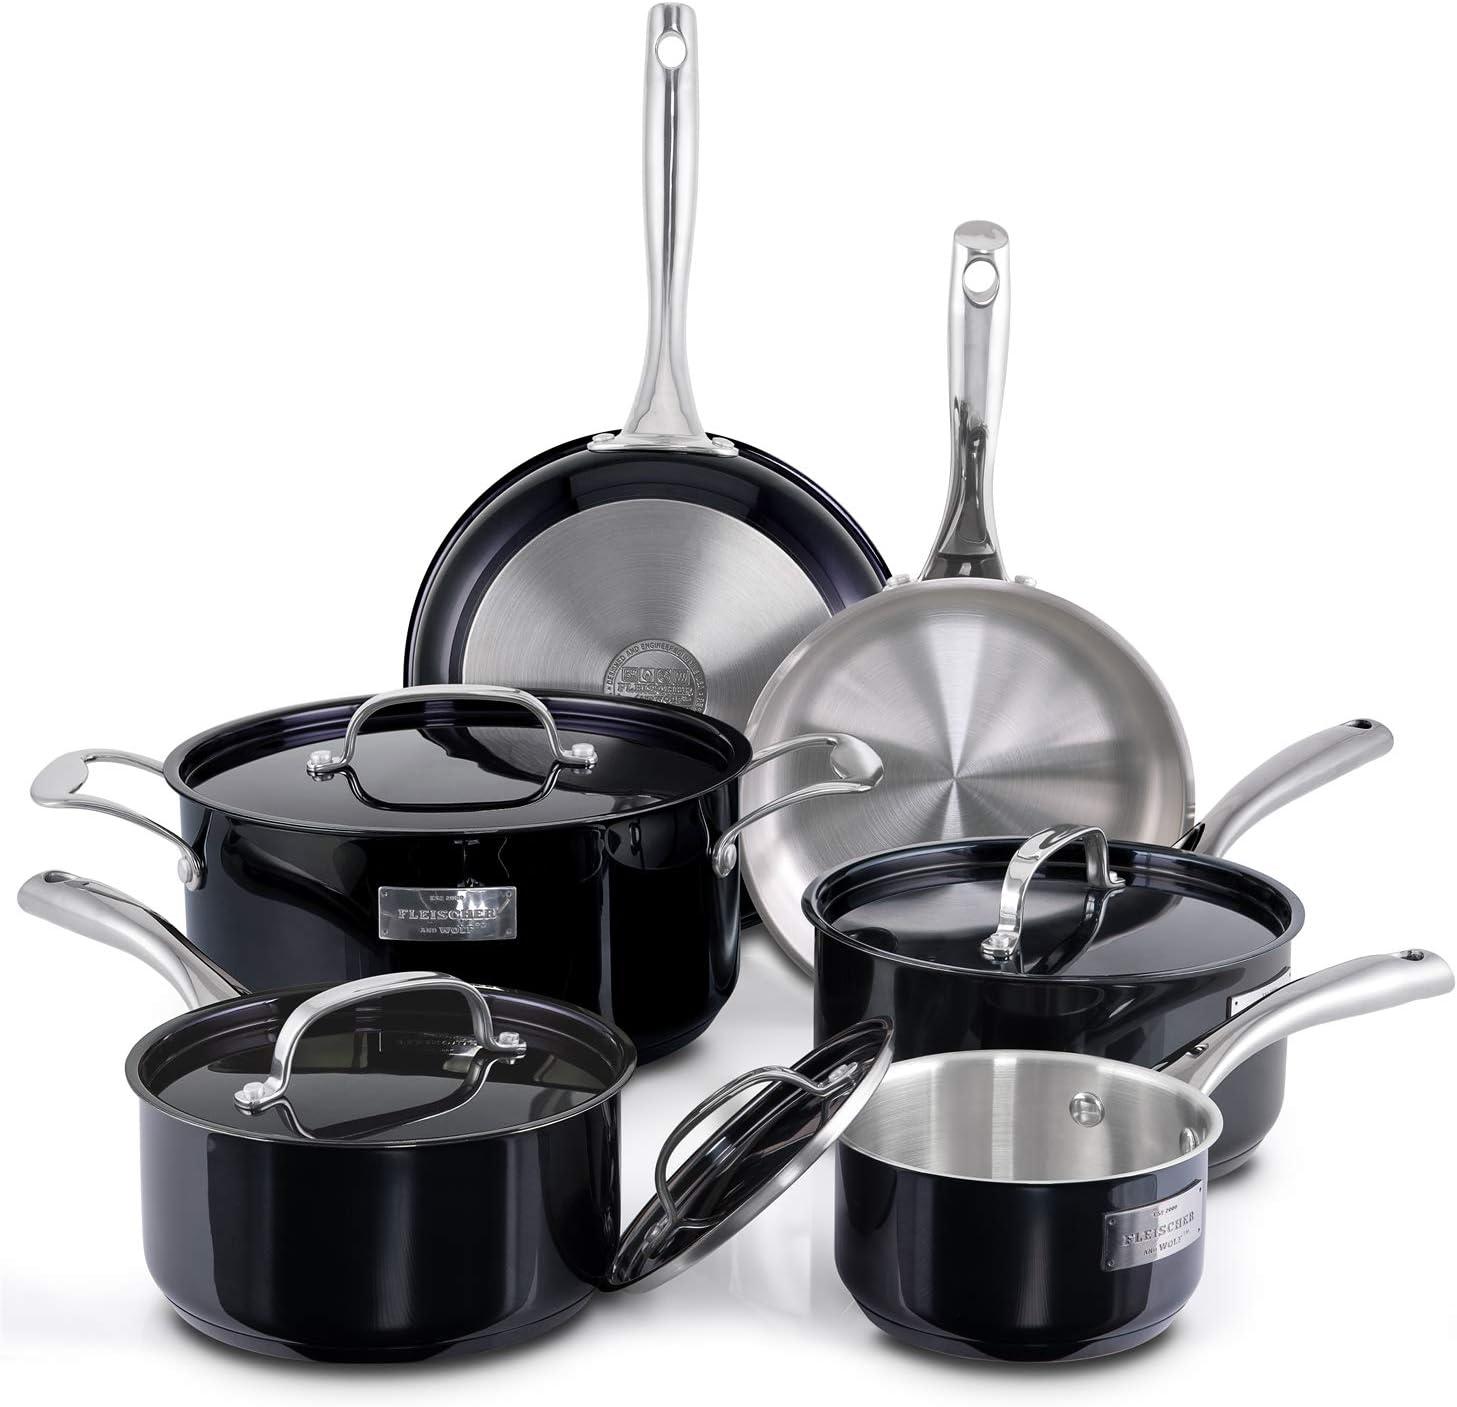 Fleischer & Wolf Cookware Sets